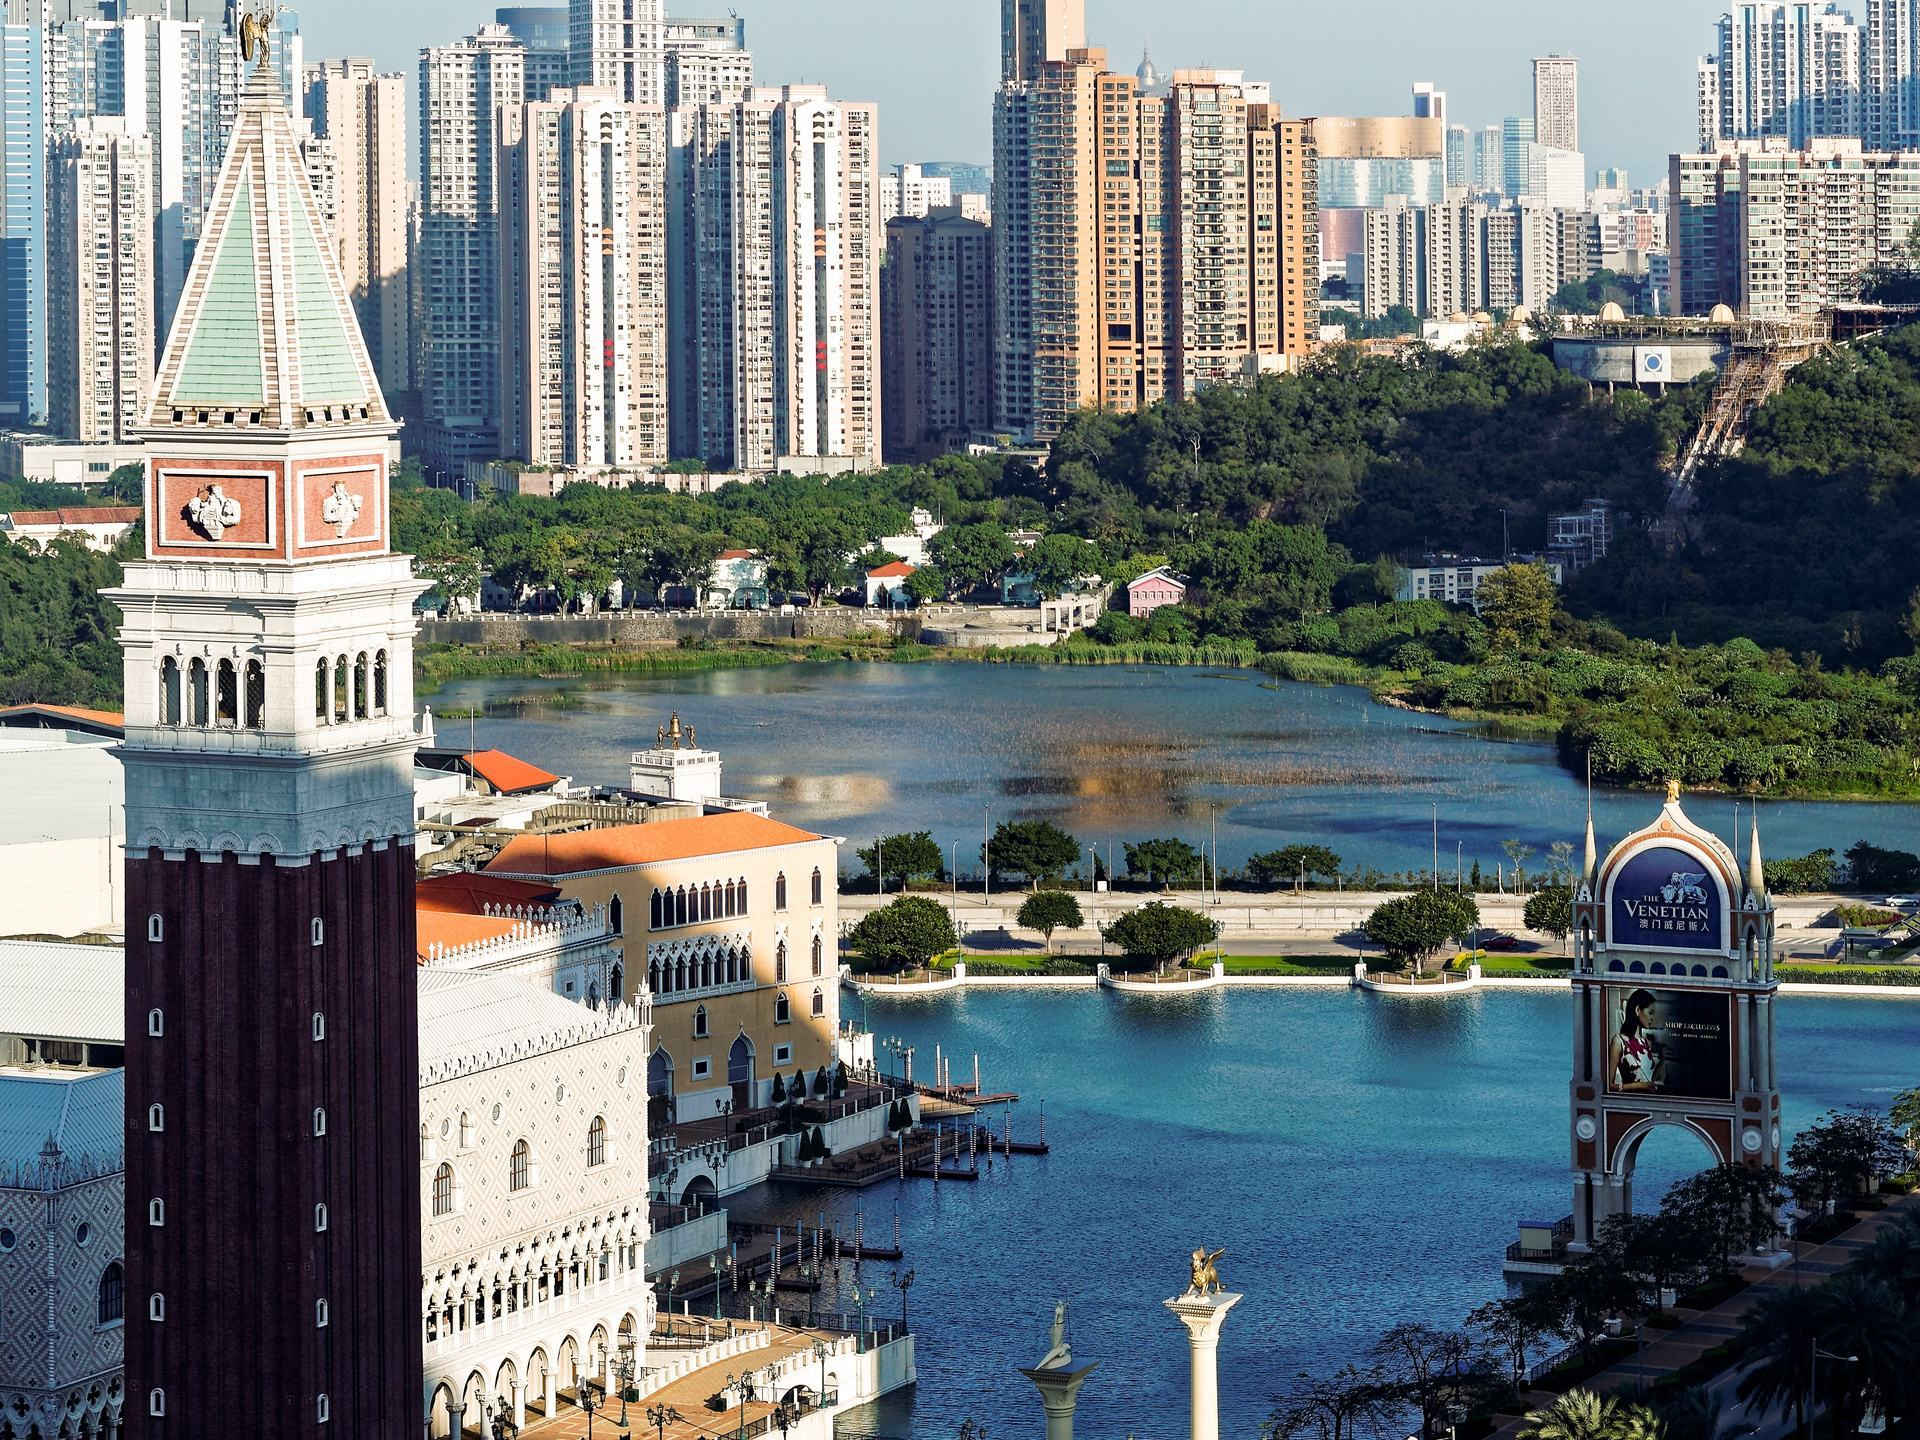 澳门的人口密度_中国评论新闻 澳门人口密 每平方公里住1.8万人